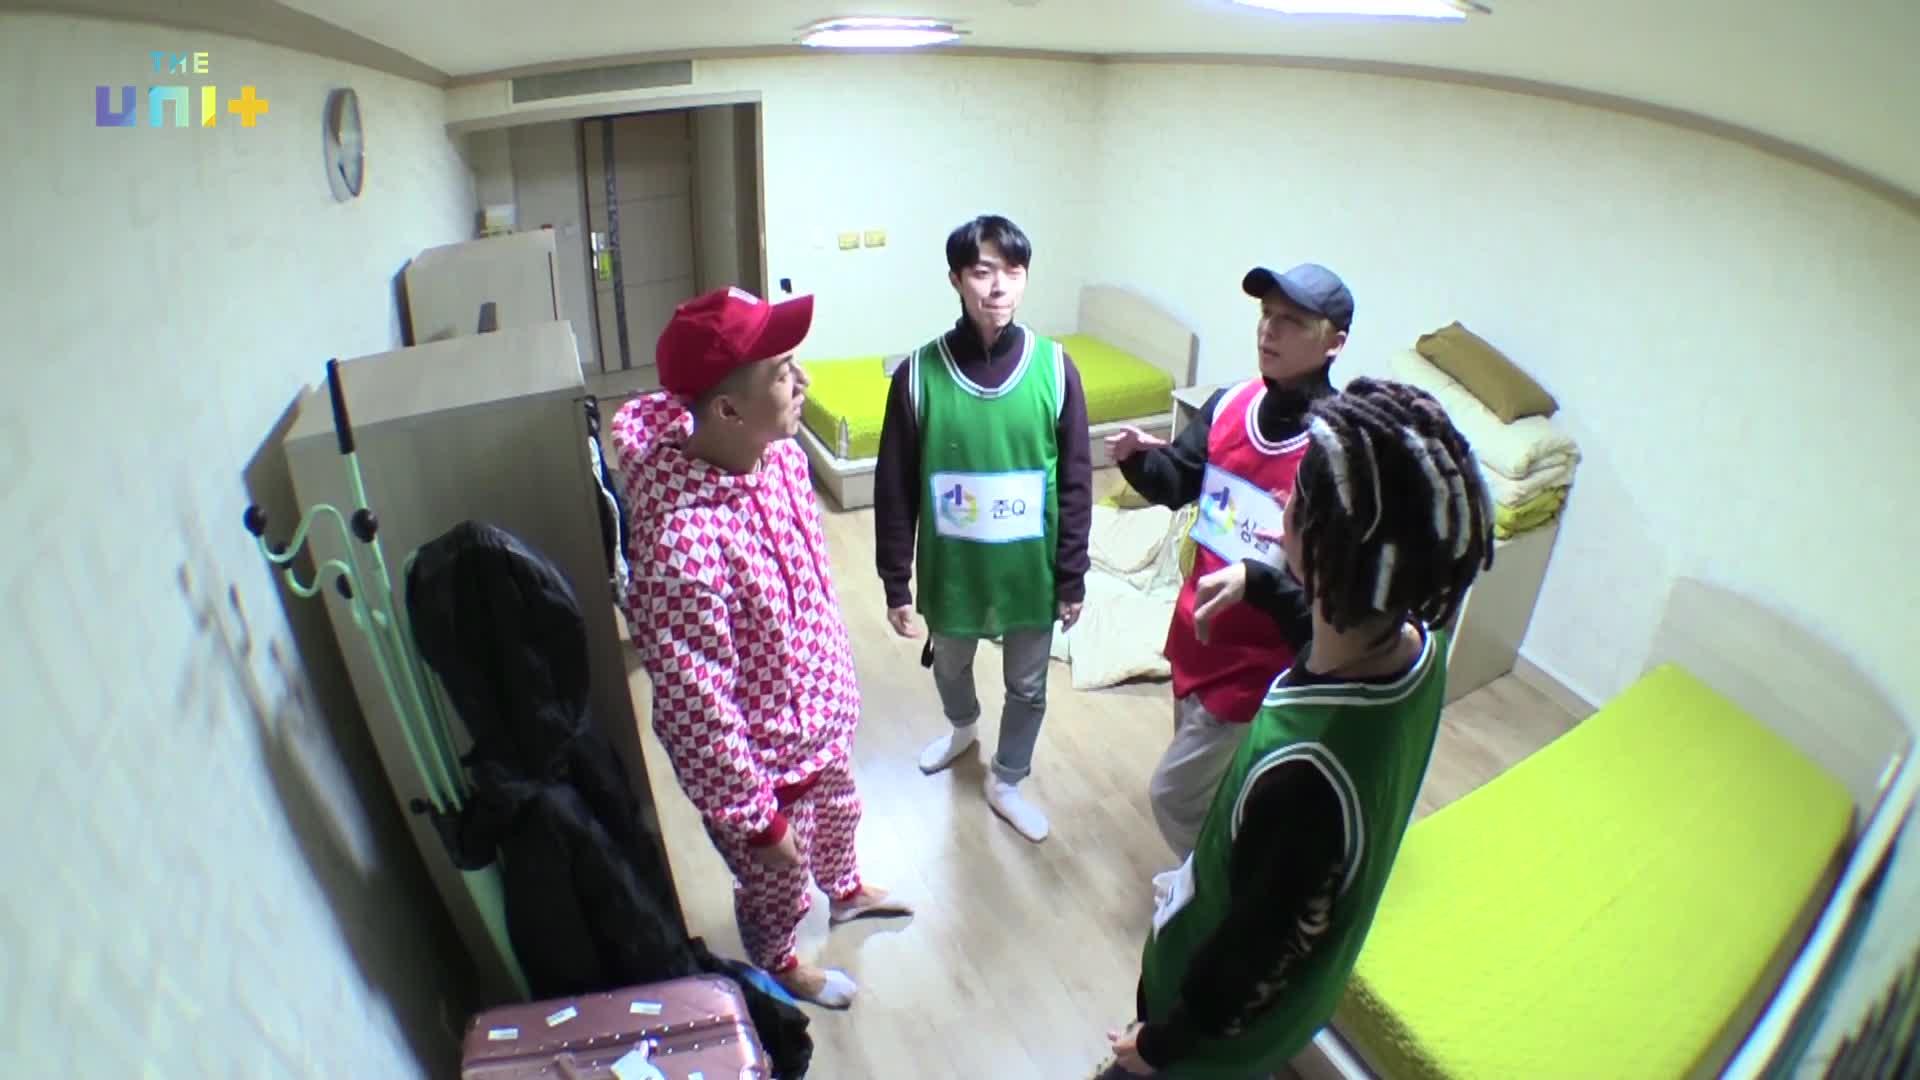 [유닛B] 하드털이/ 내꺼 [Unit B You're Mine_Behind]